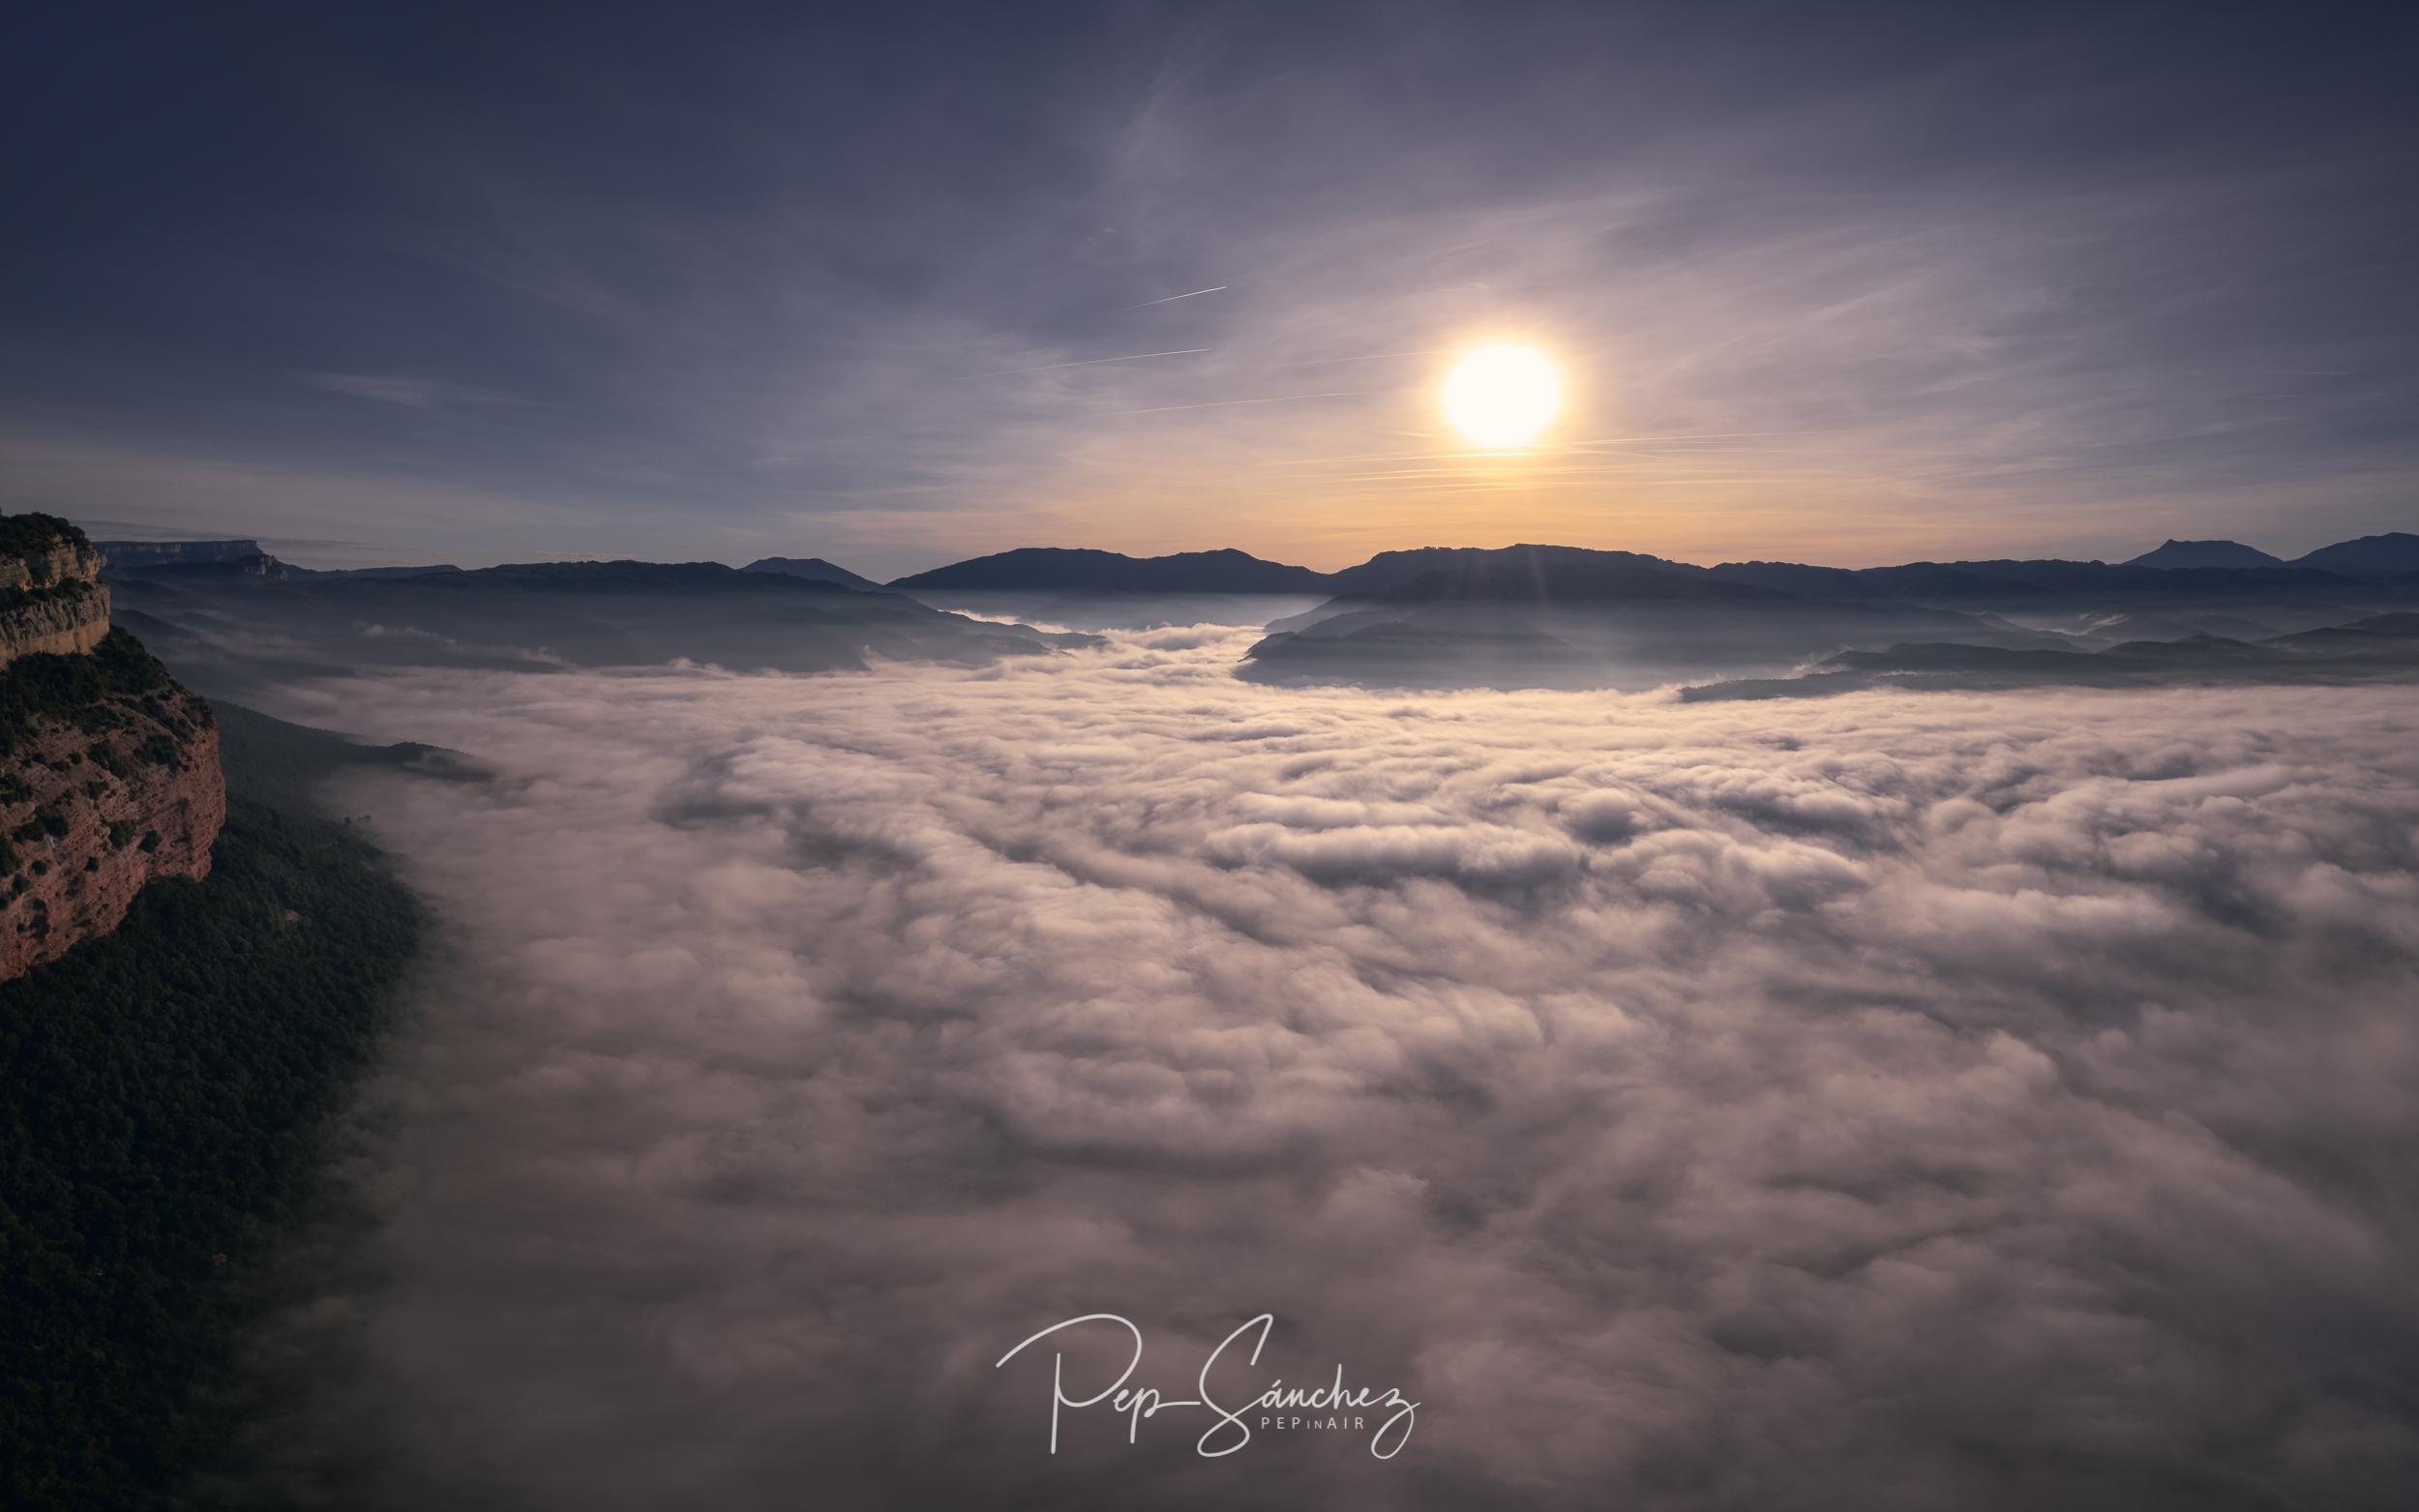 Between mists